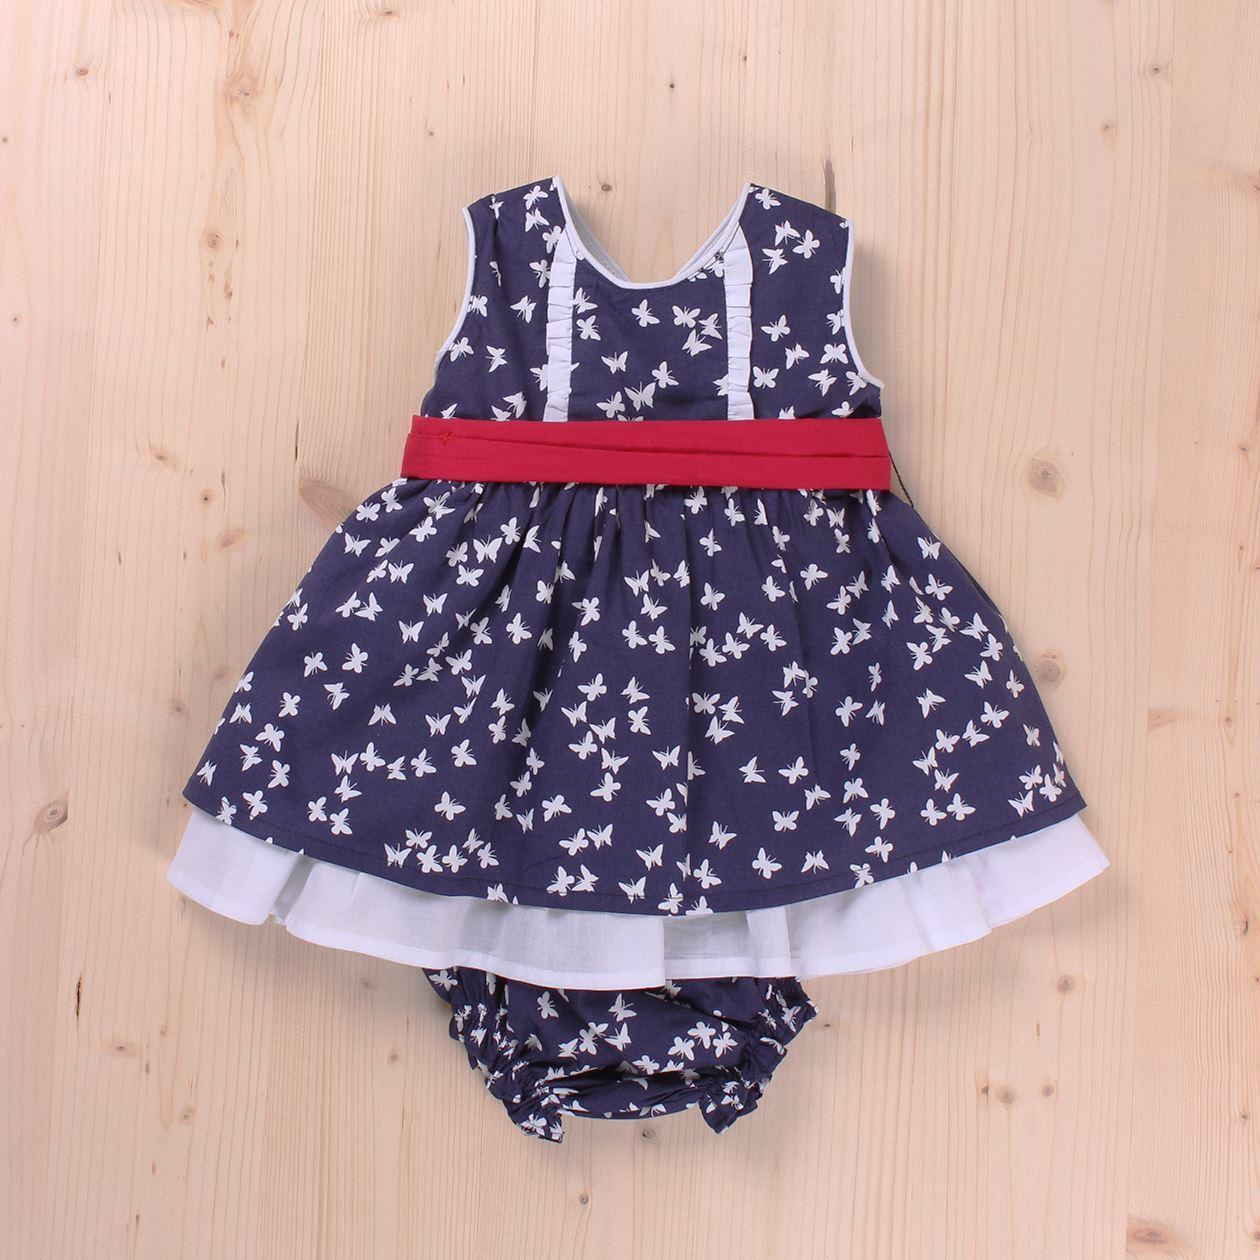 7e61245da Vestido niña bebe. Dadati - Moda infantil